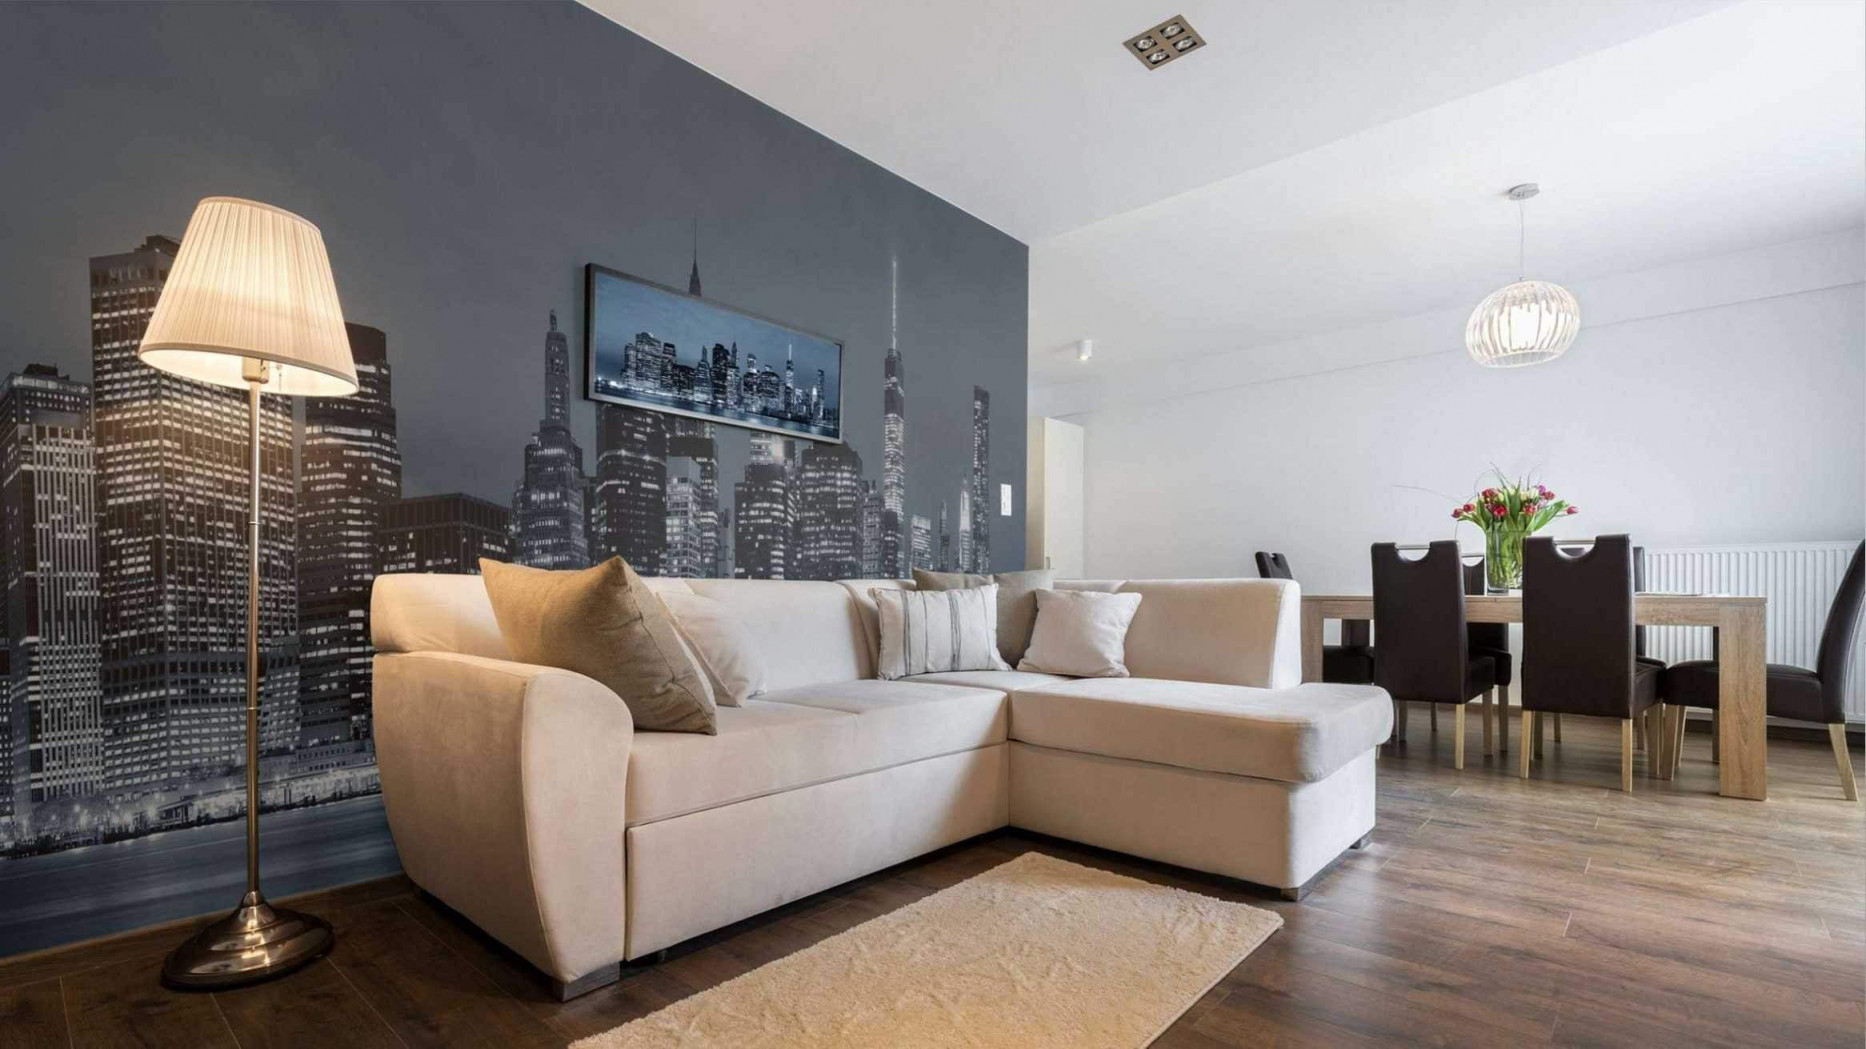 37 Neu Wohnzimmer Farben Ideen Frisch  Wohnzimmer Frisch von Wohnzimmer Farben Ideen Photo